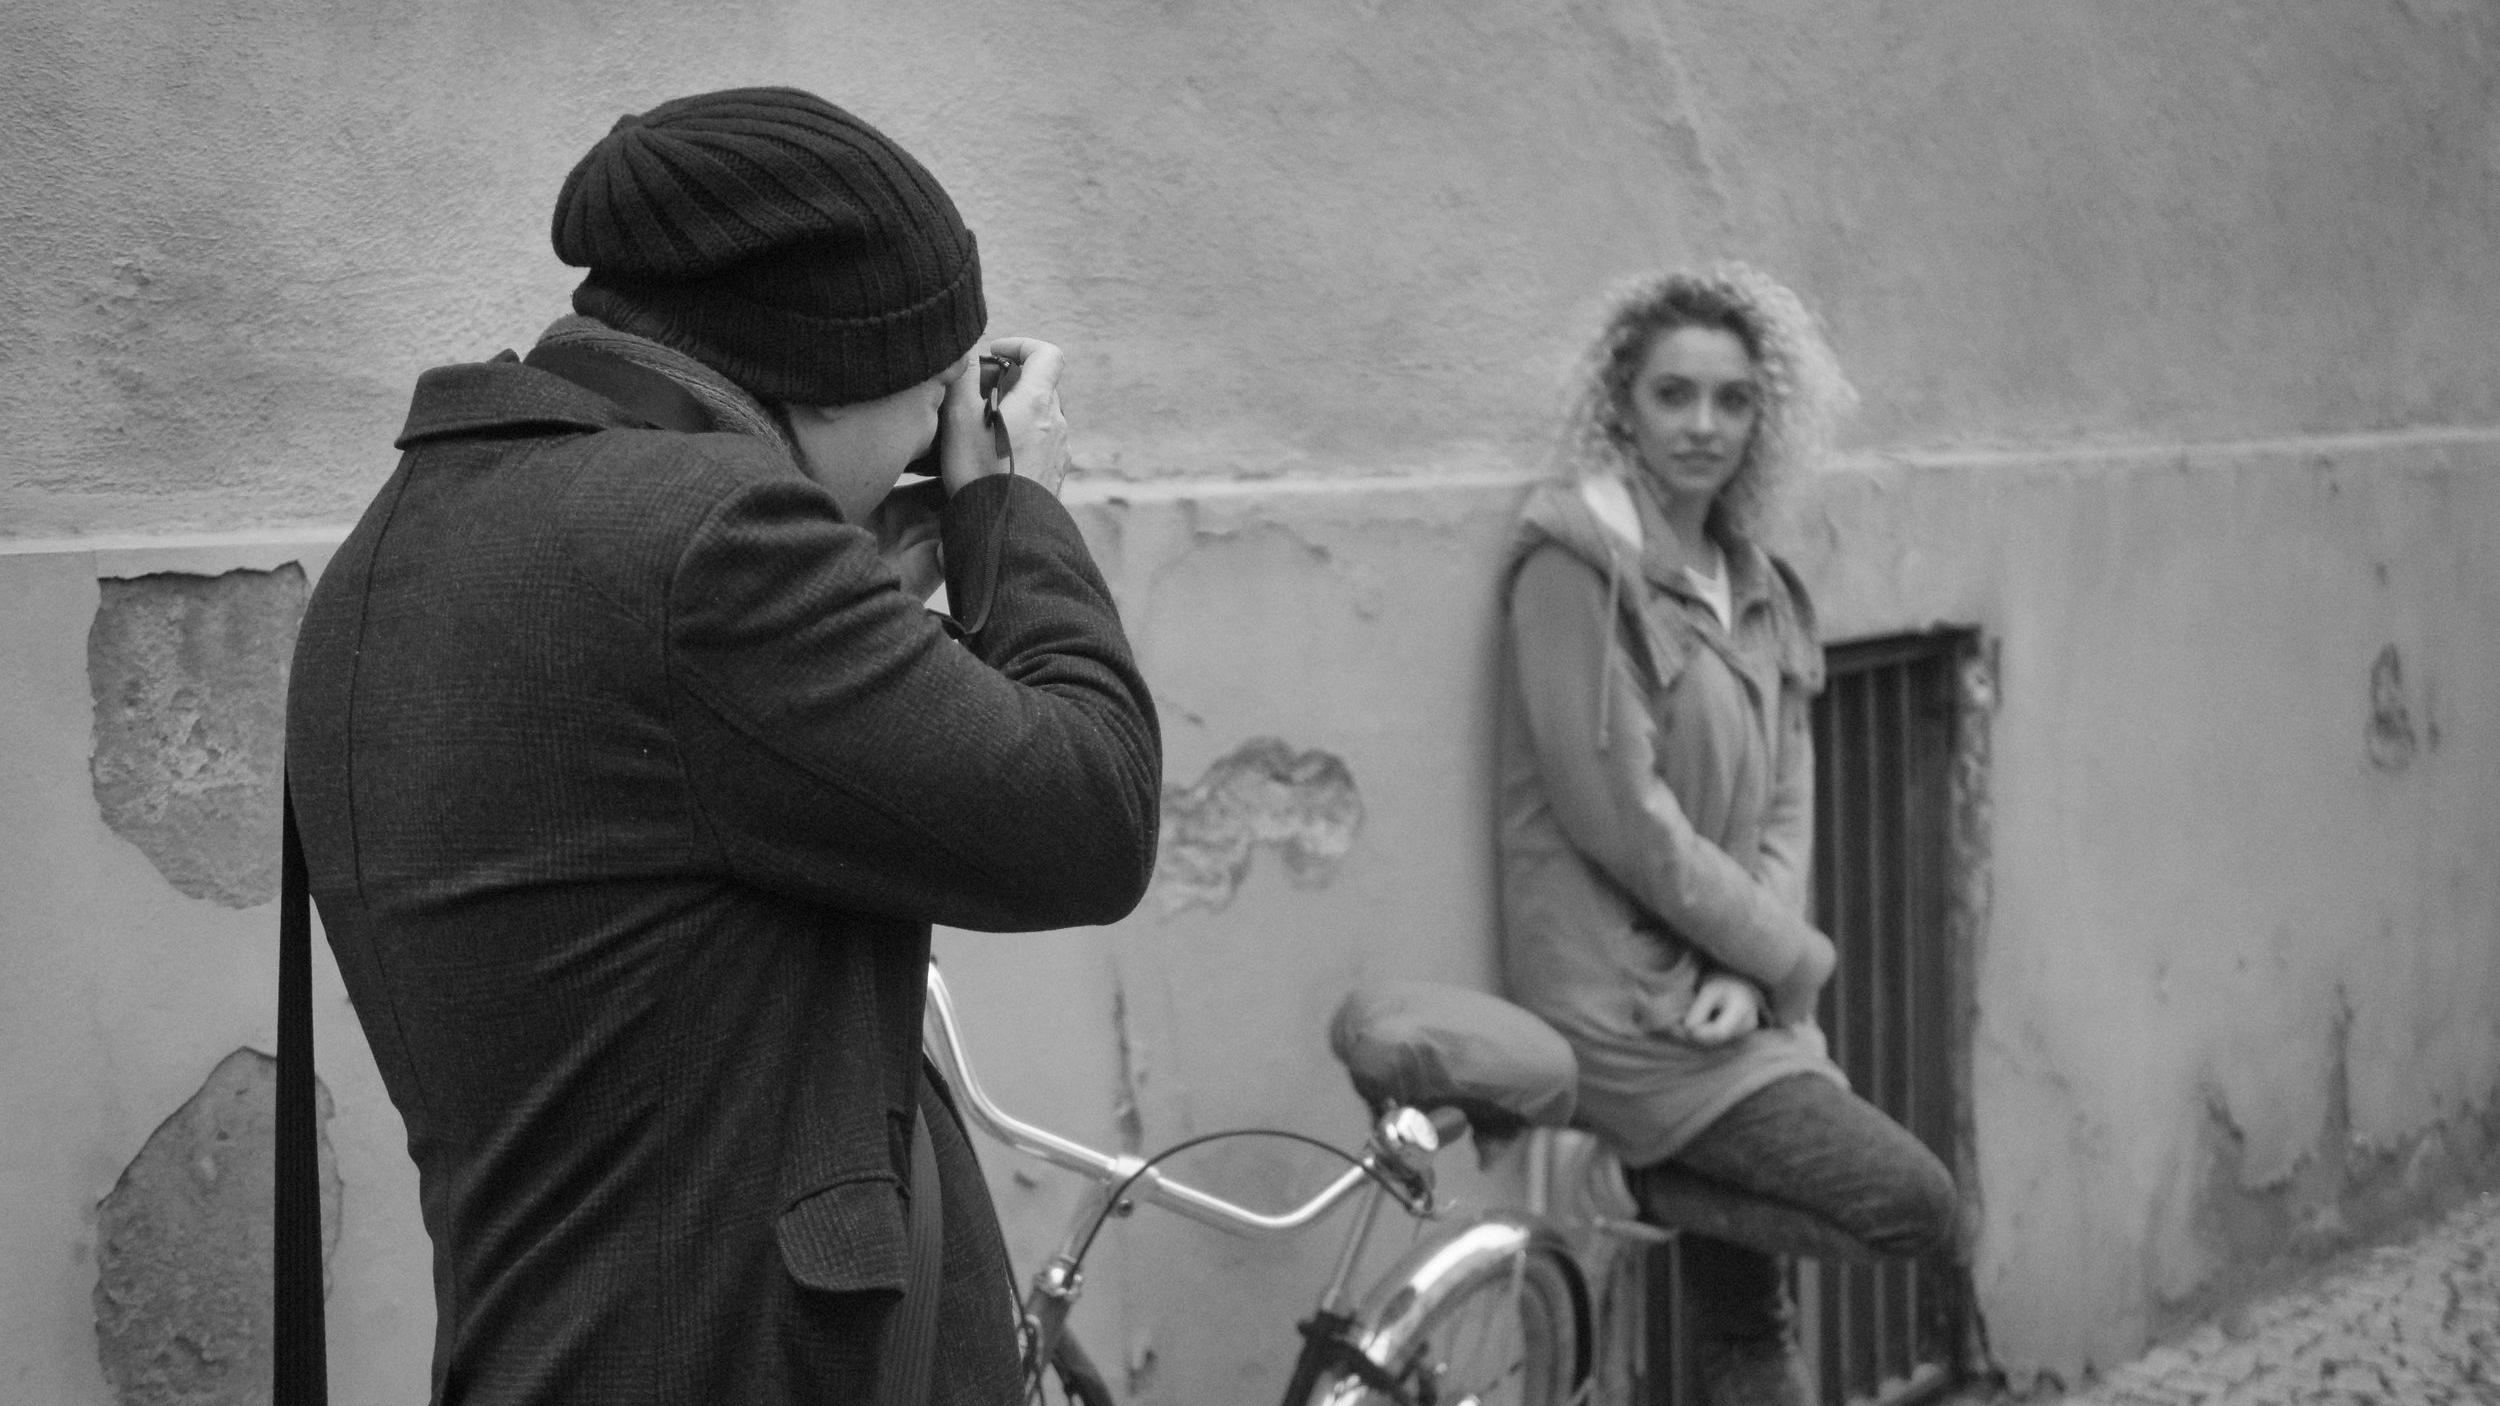 P1088859_Exp Hausmesse Foto Video Sauter München Workshop Portraitfotografie.jpg